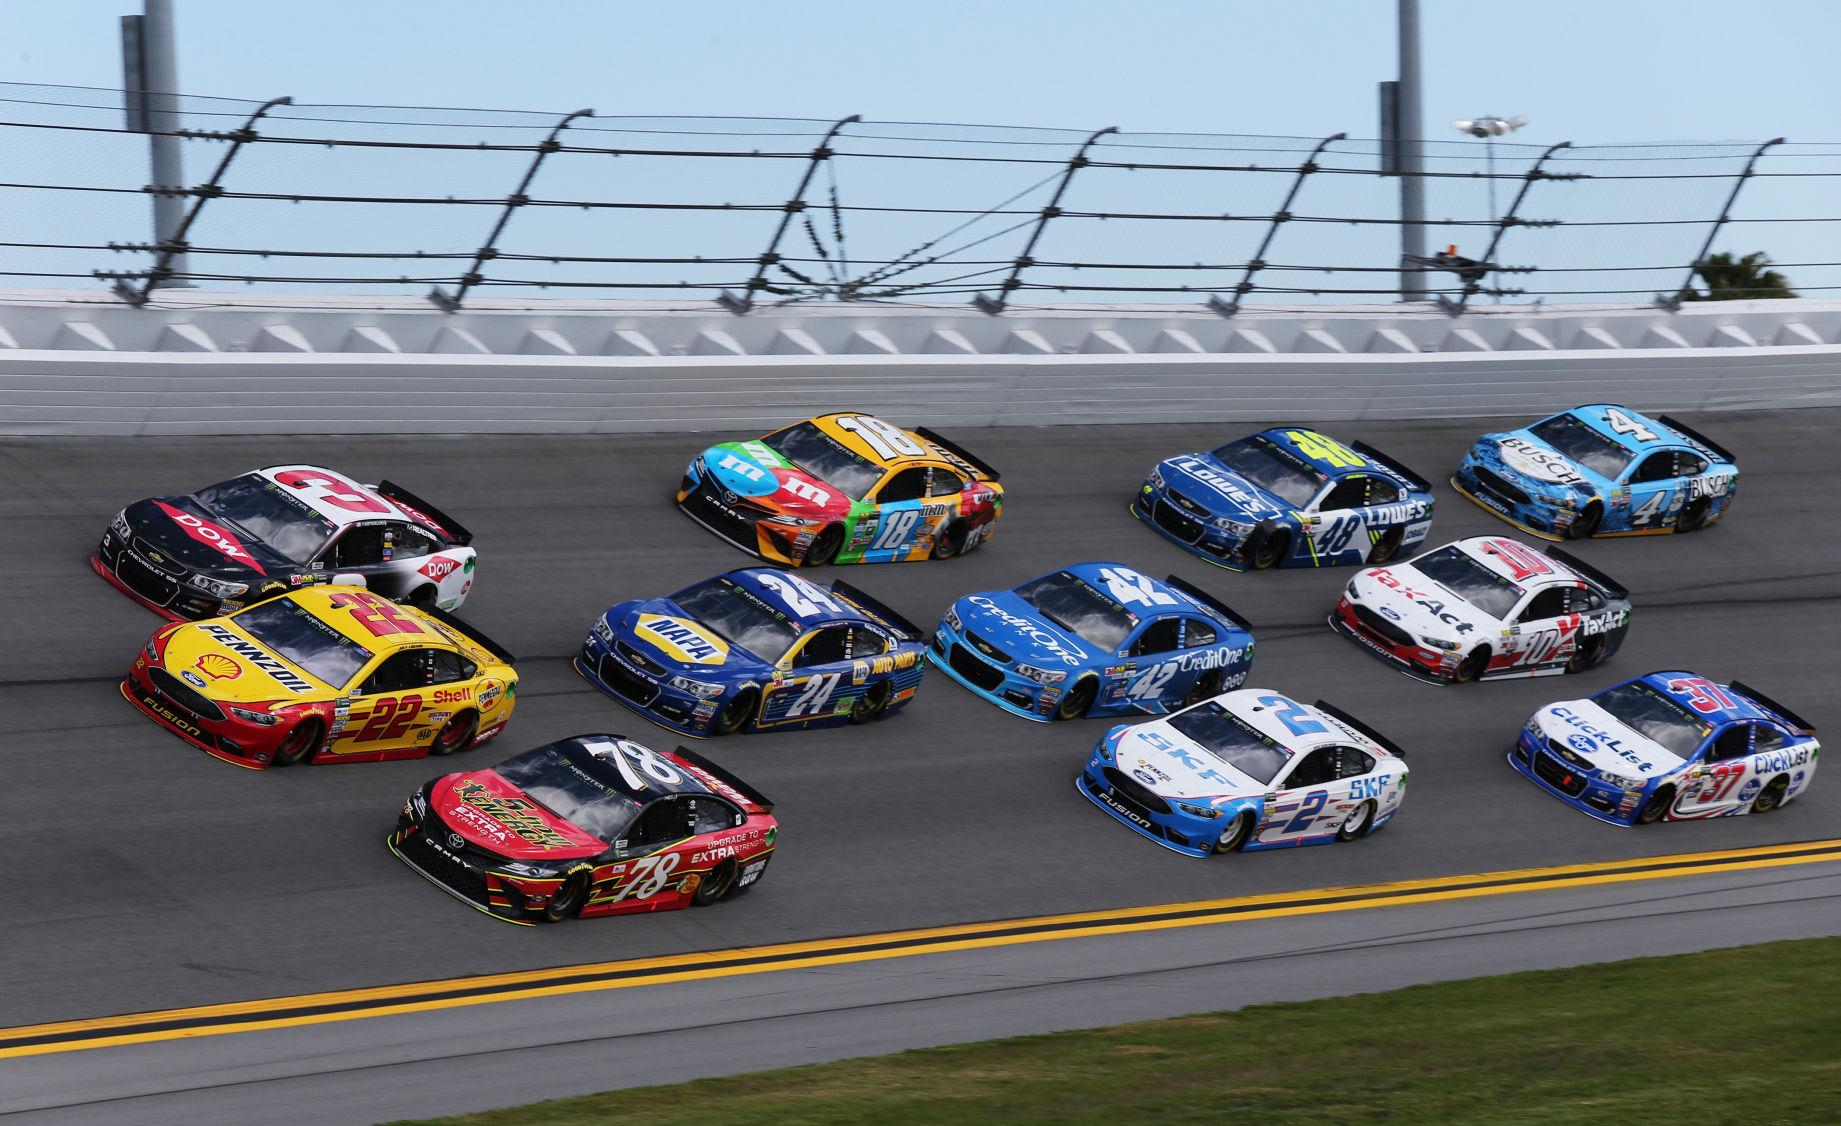 Tony Stewart finally gets Daytona 500 win